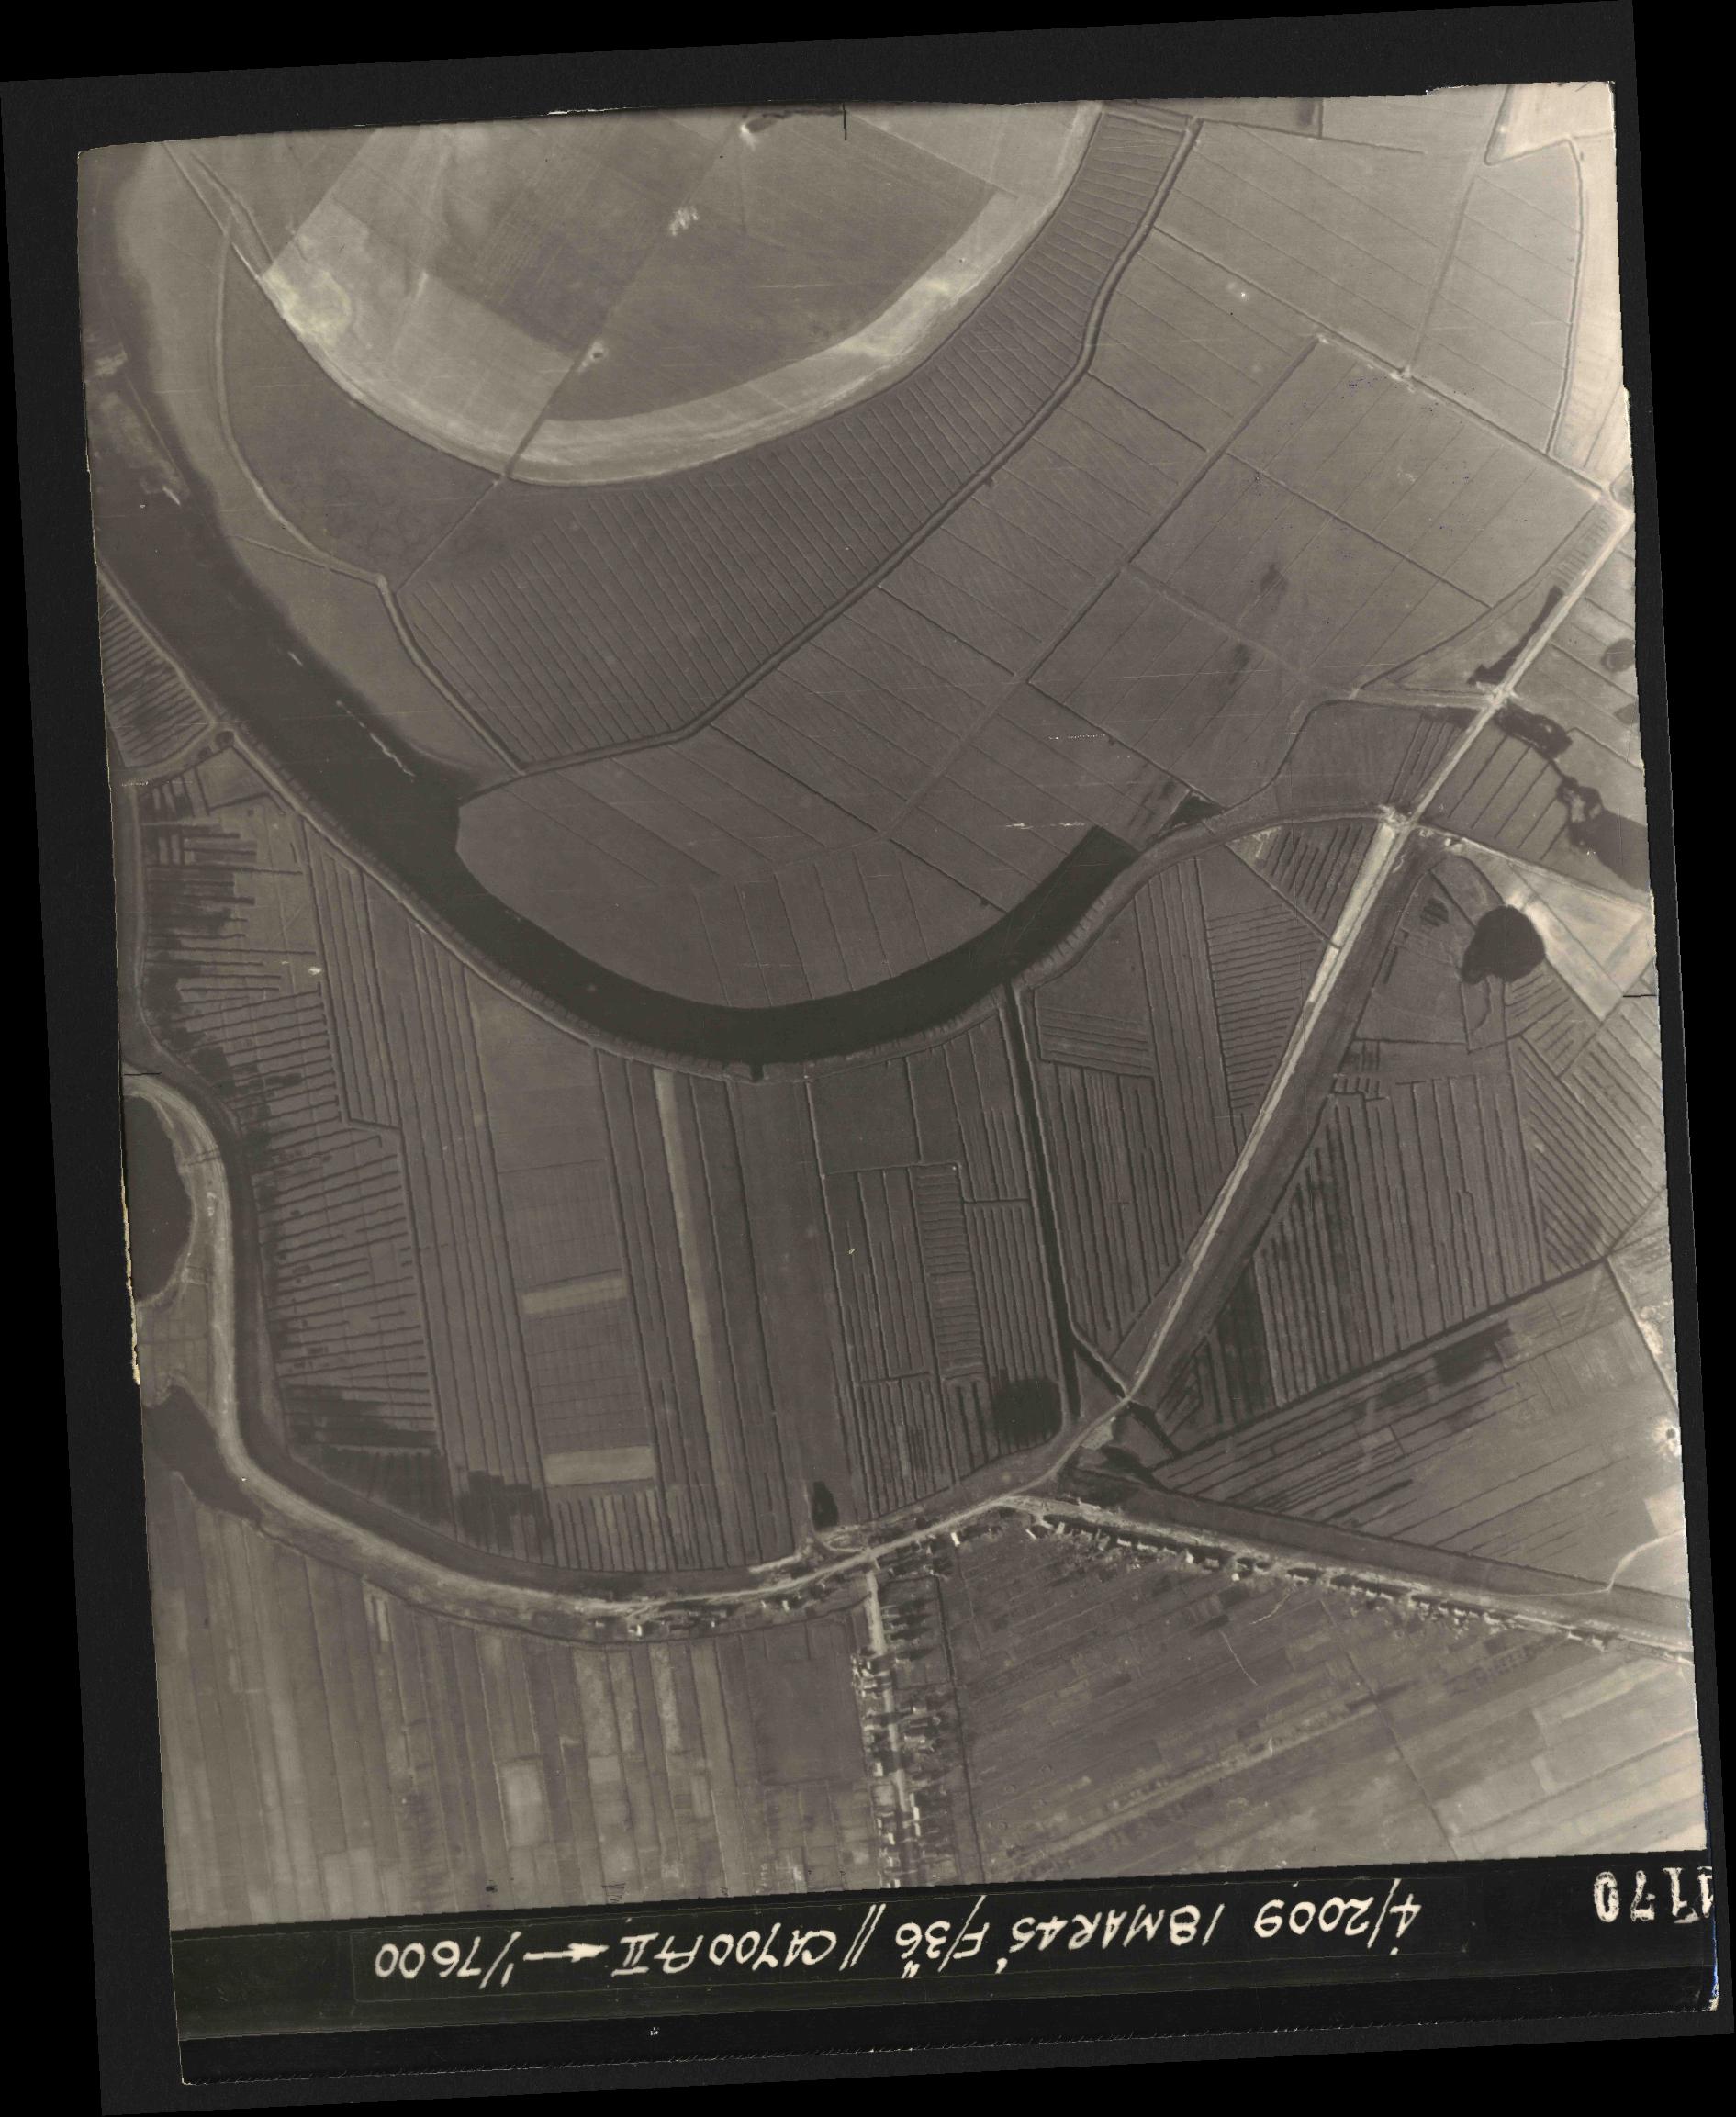 Collection RAF aerial photos 1940-1945 - flight 017, run 10, photo 4170